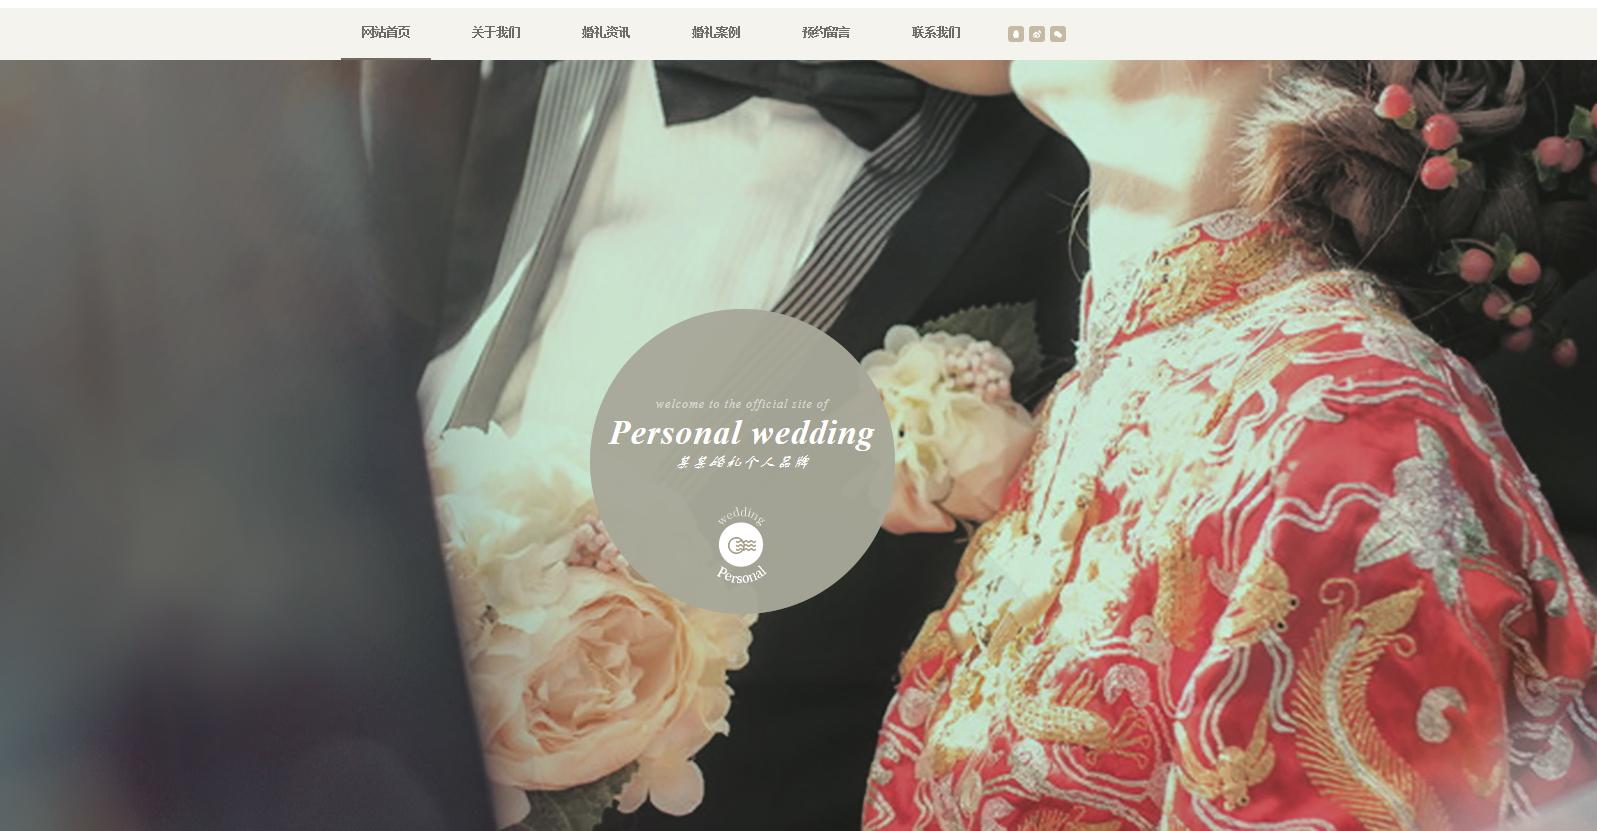 婚礼婚庆PC+手机 模版站